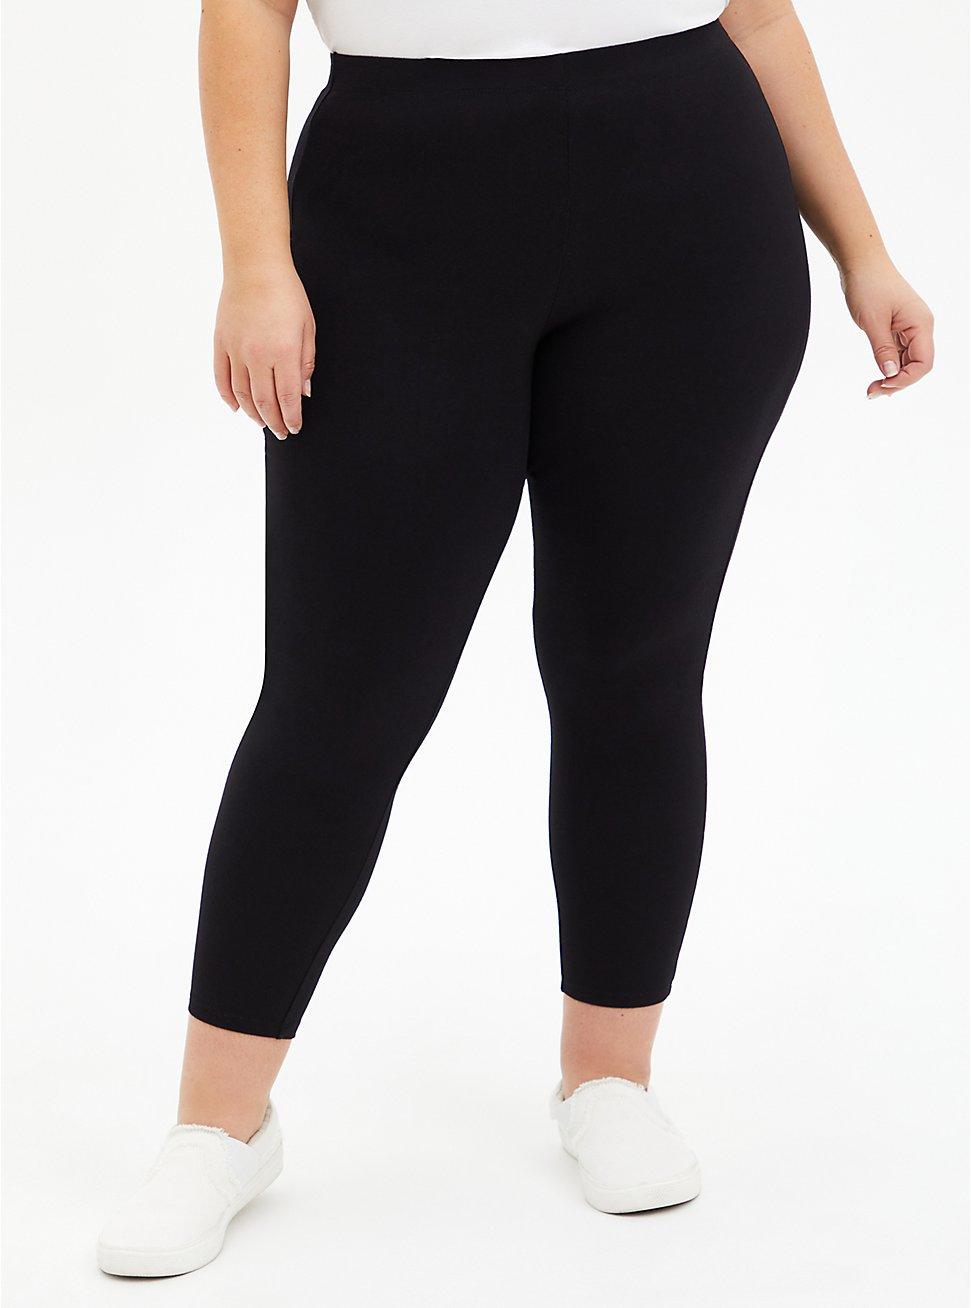 Crop Premium Comfort Legging - Black, BLACK, hi-res